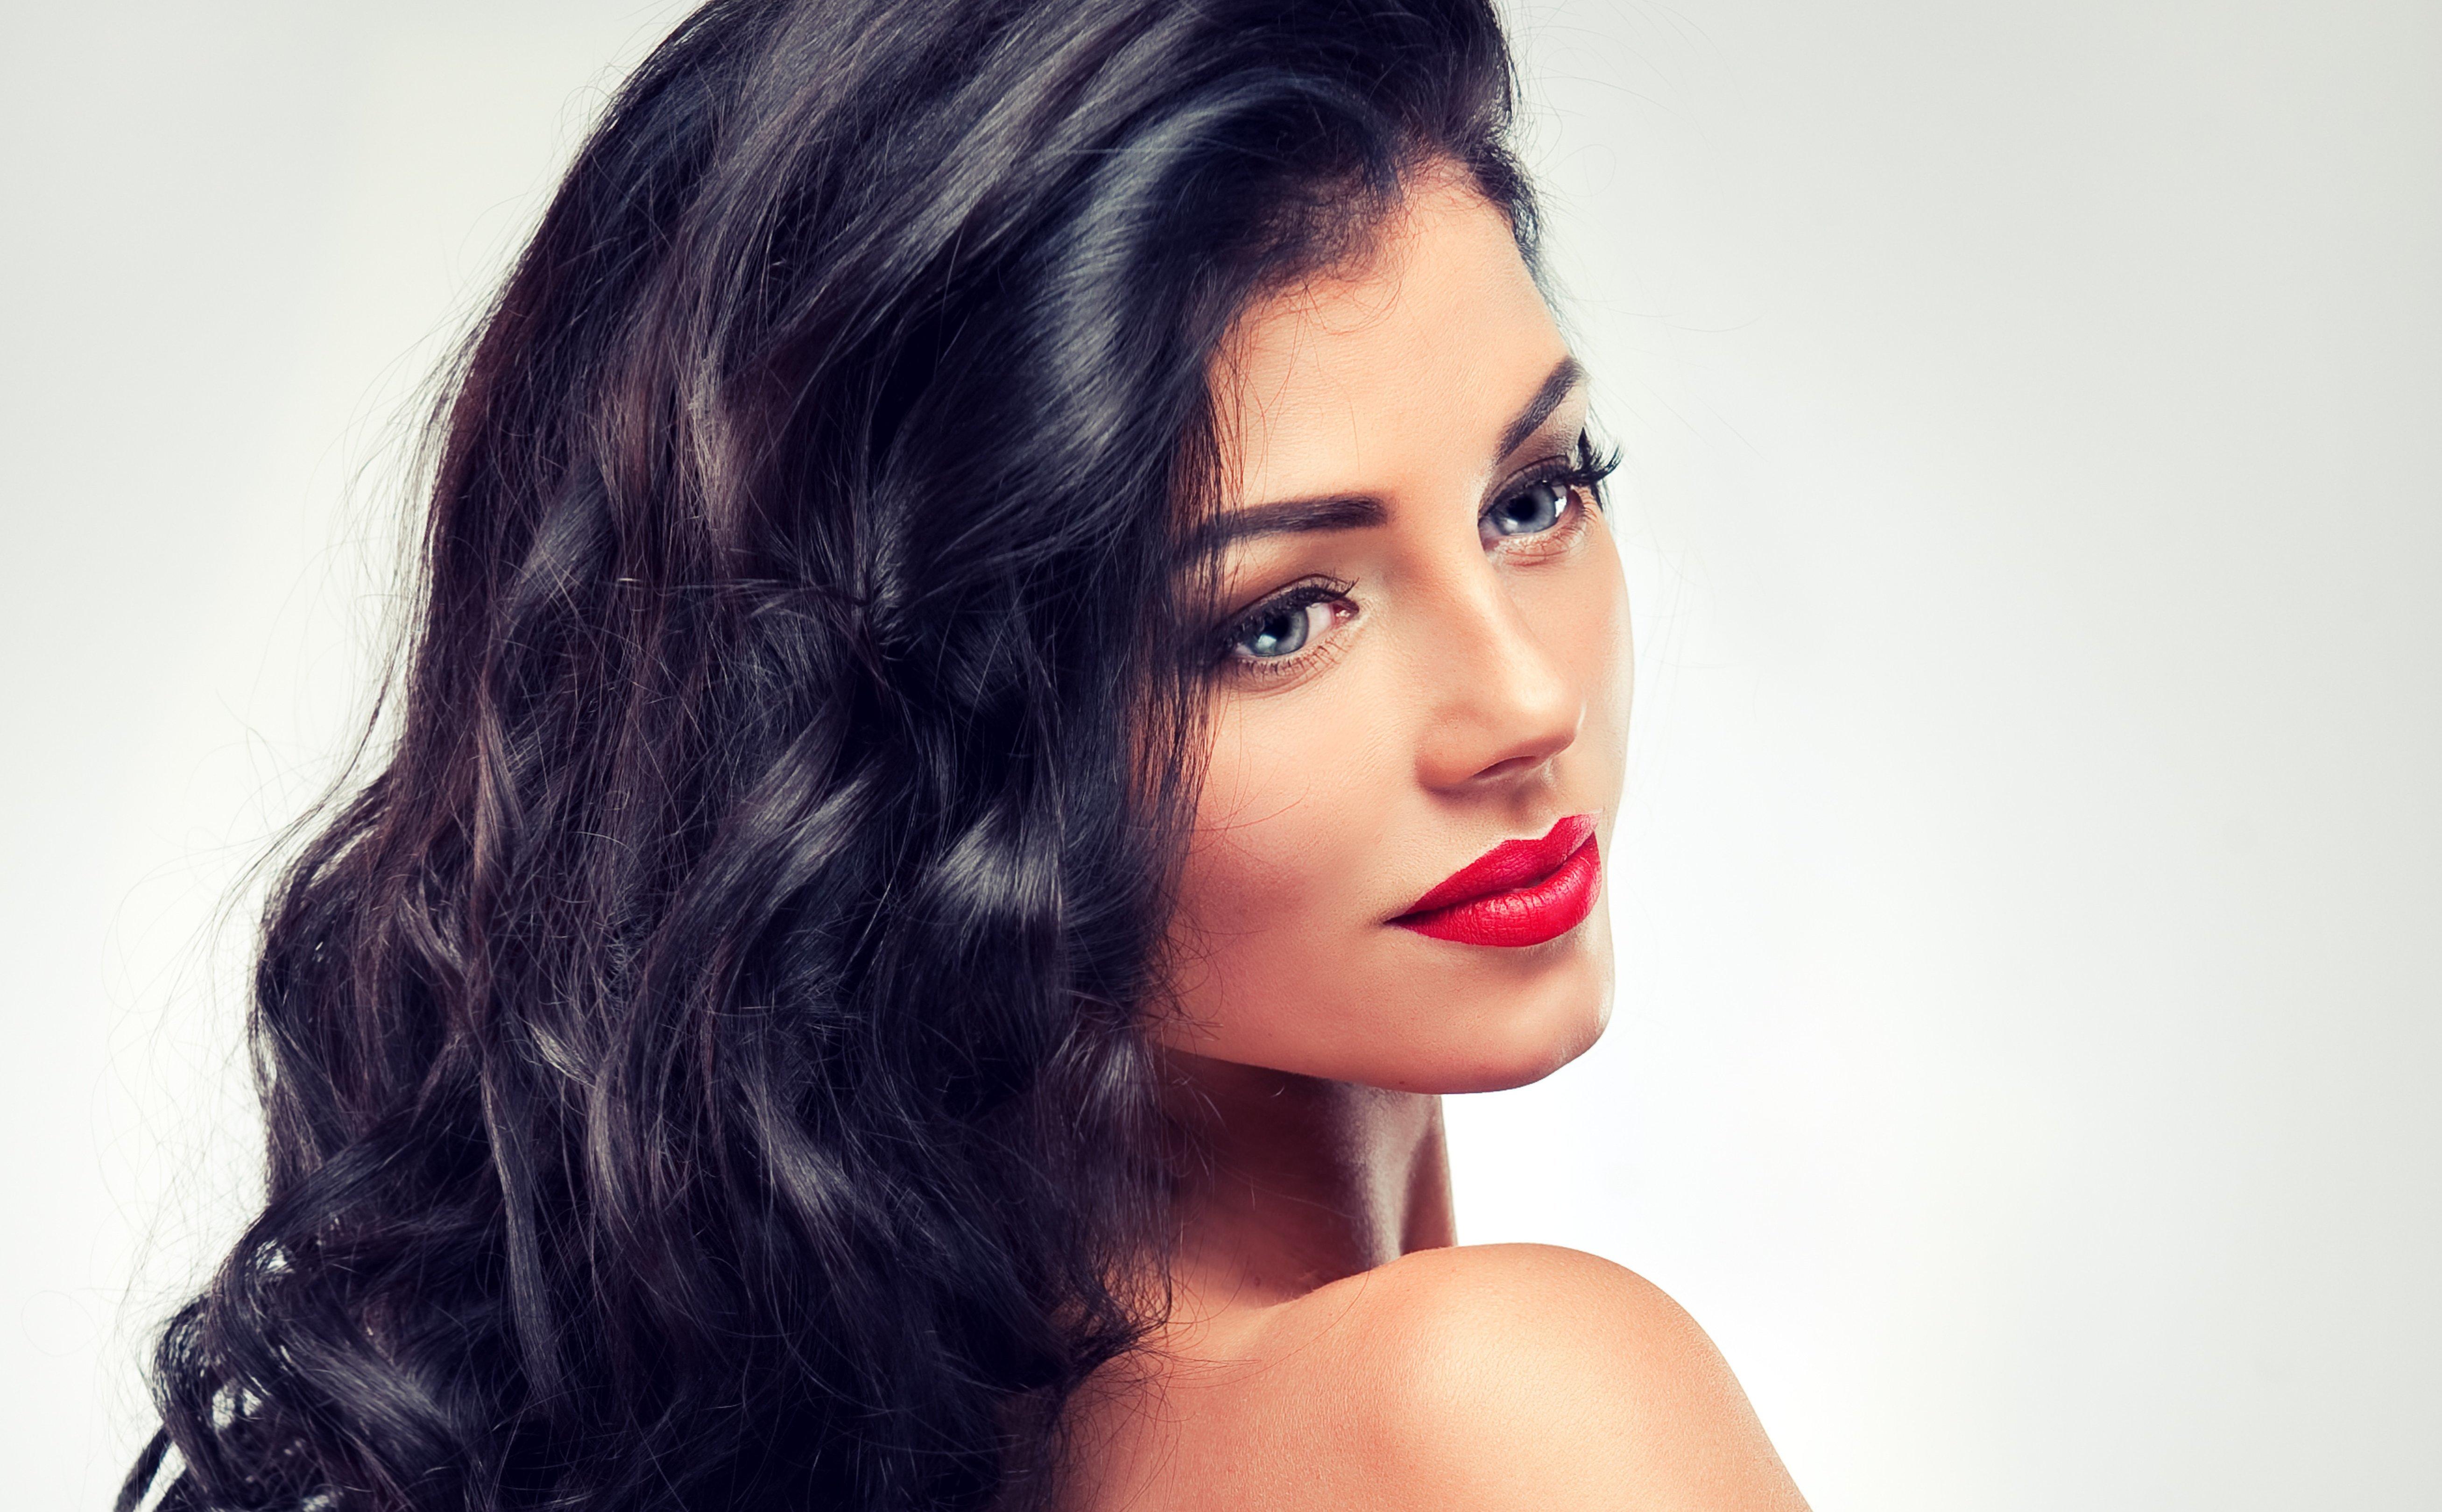 Какие секреты макияжа можно использовать каждый день